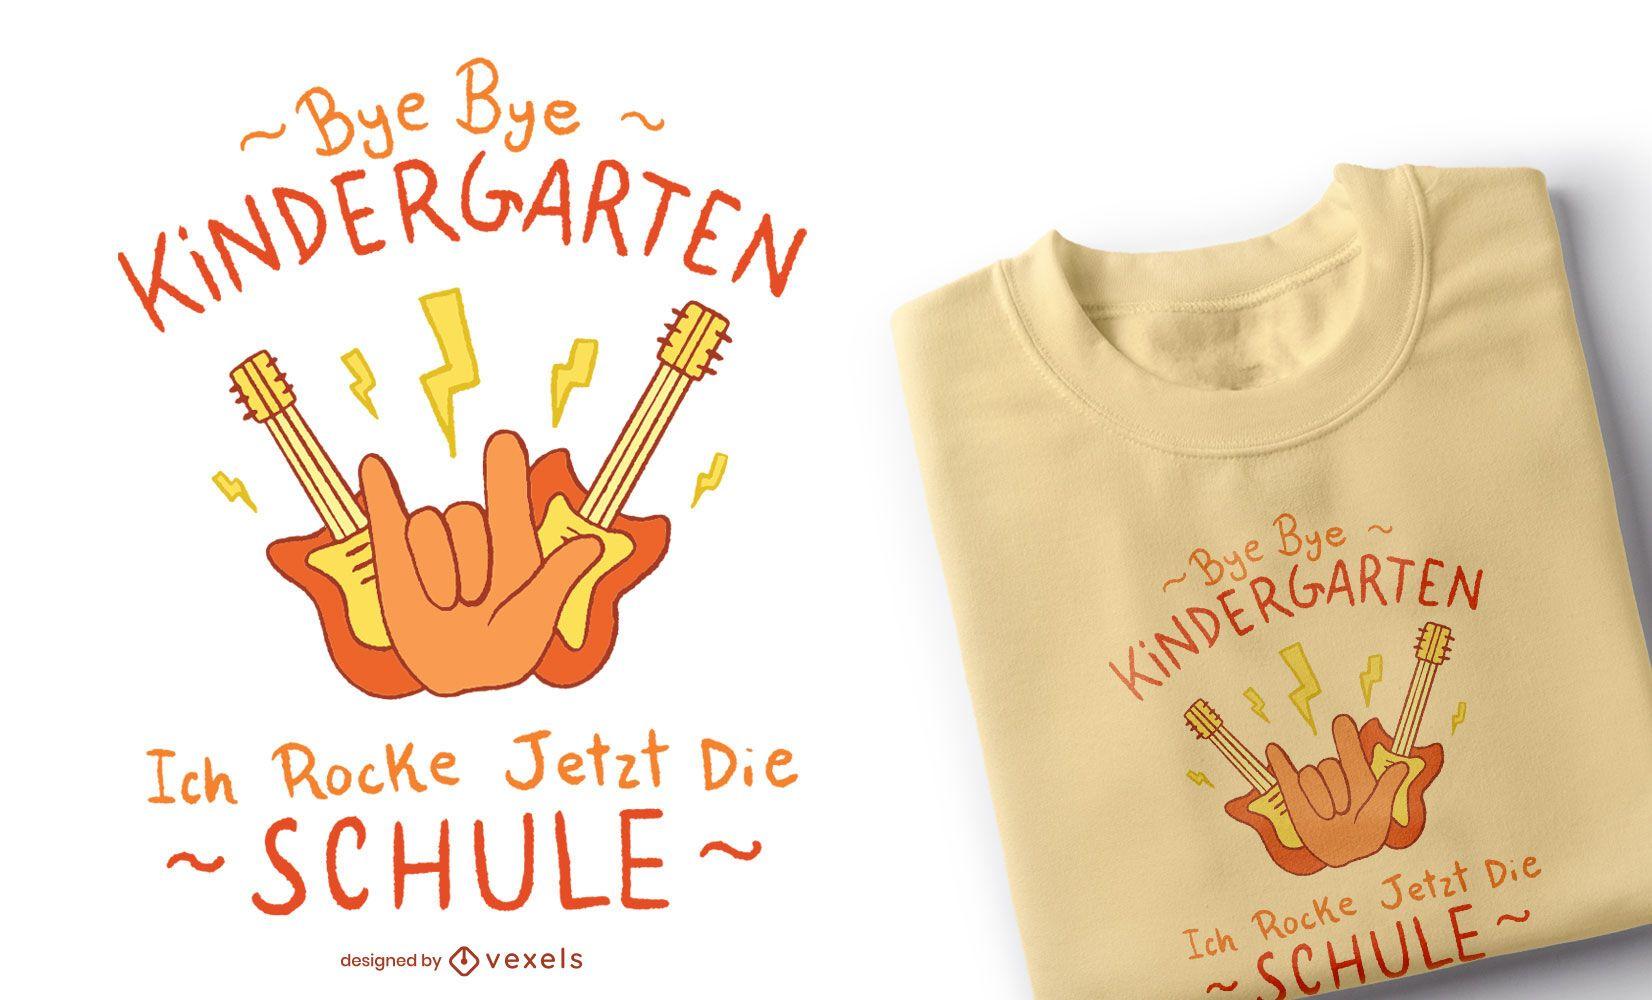 Dise?o de camiseta para ni?os Bye Kindergarten